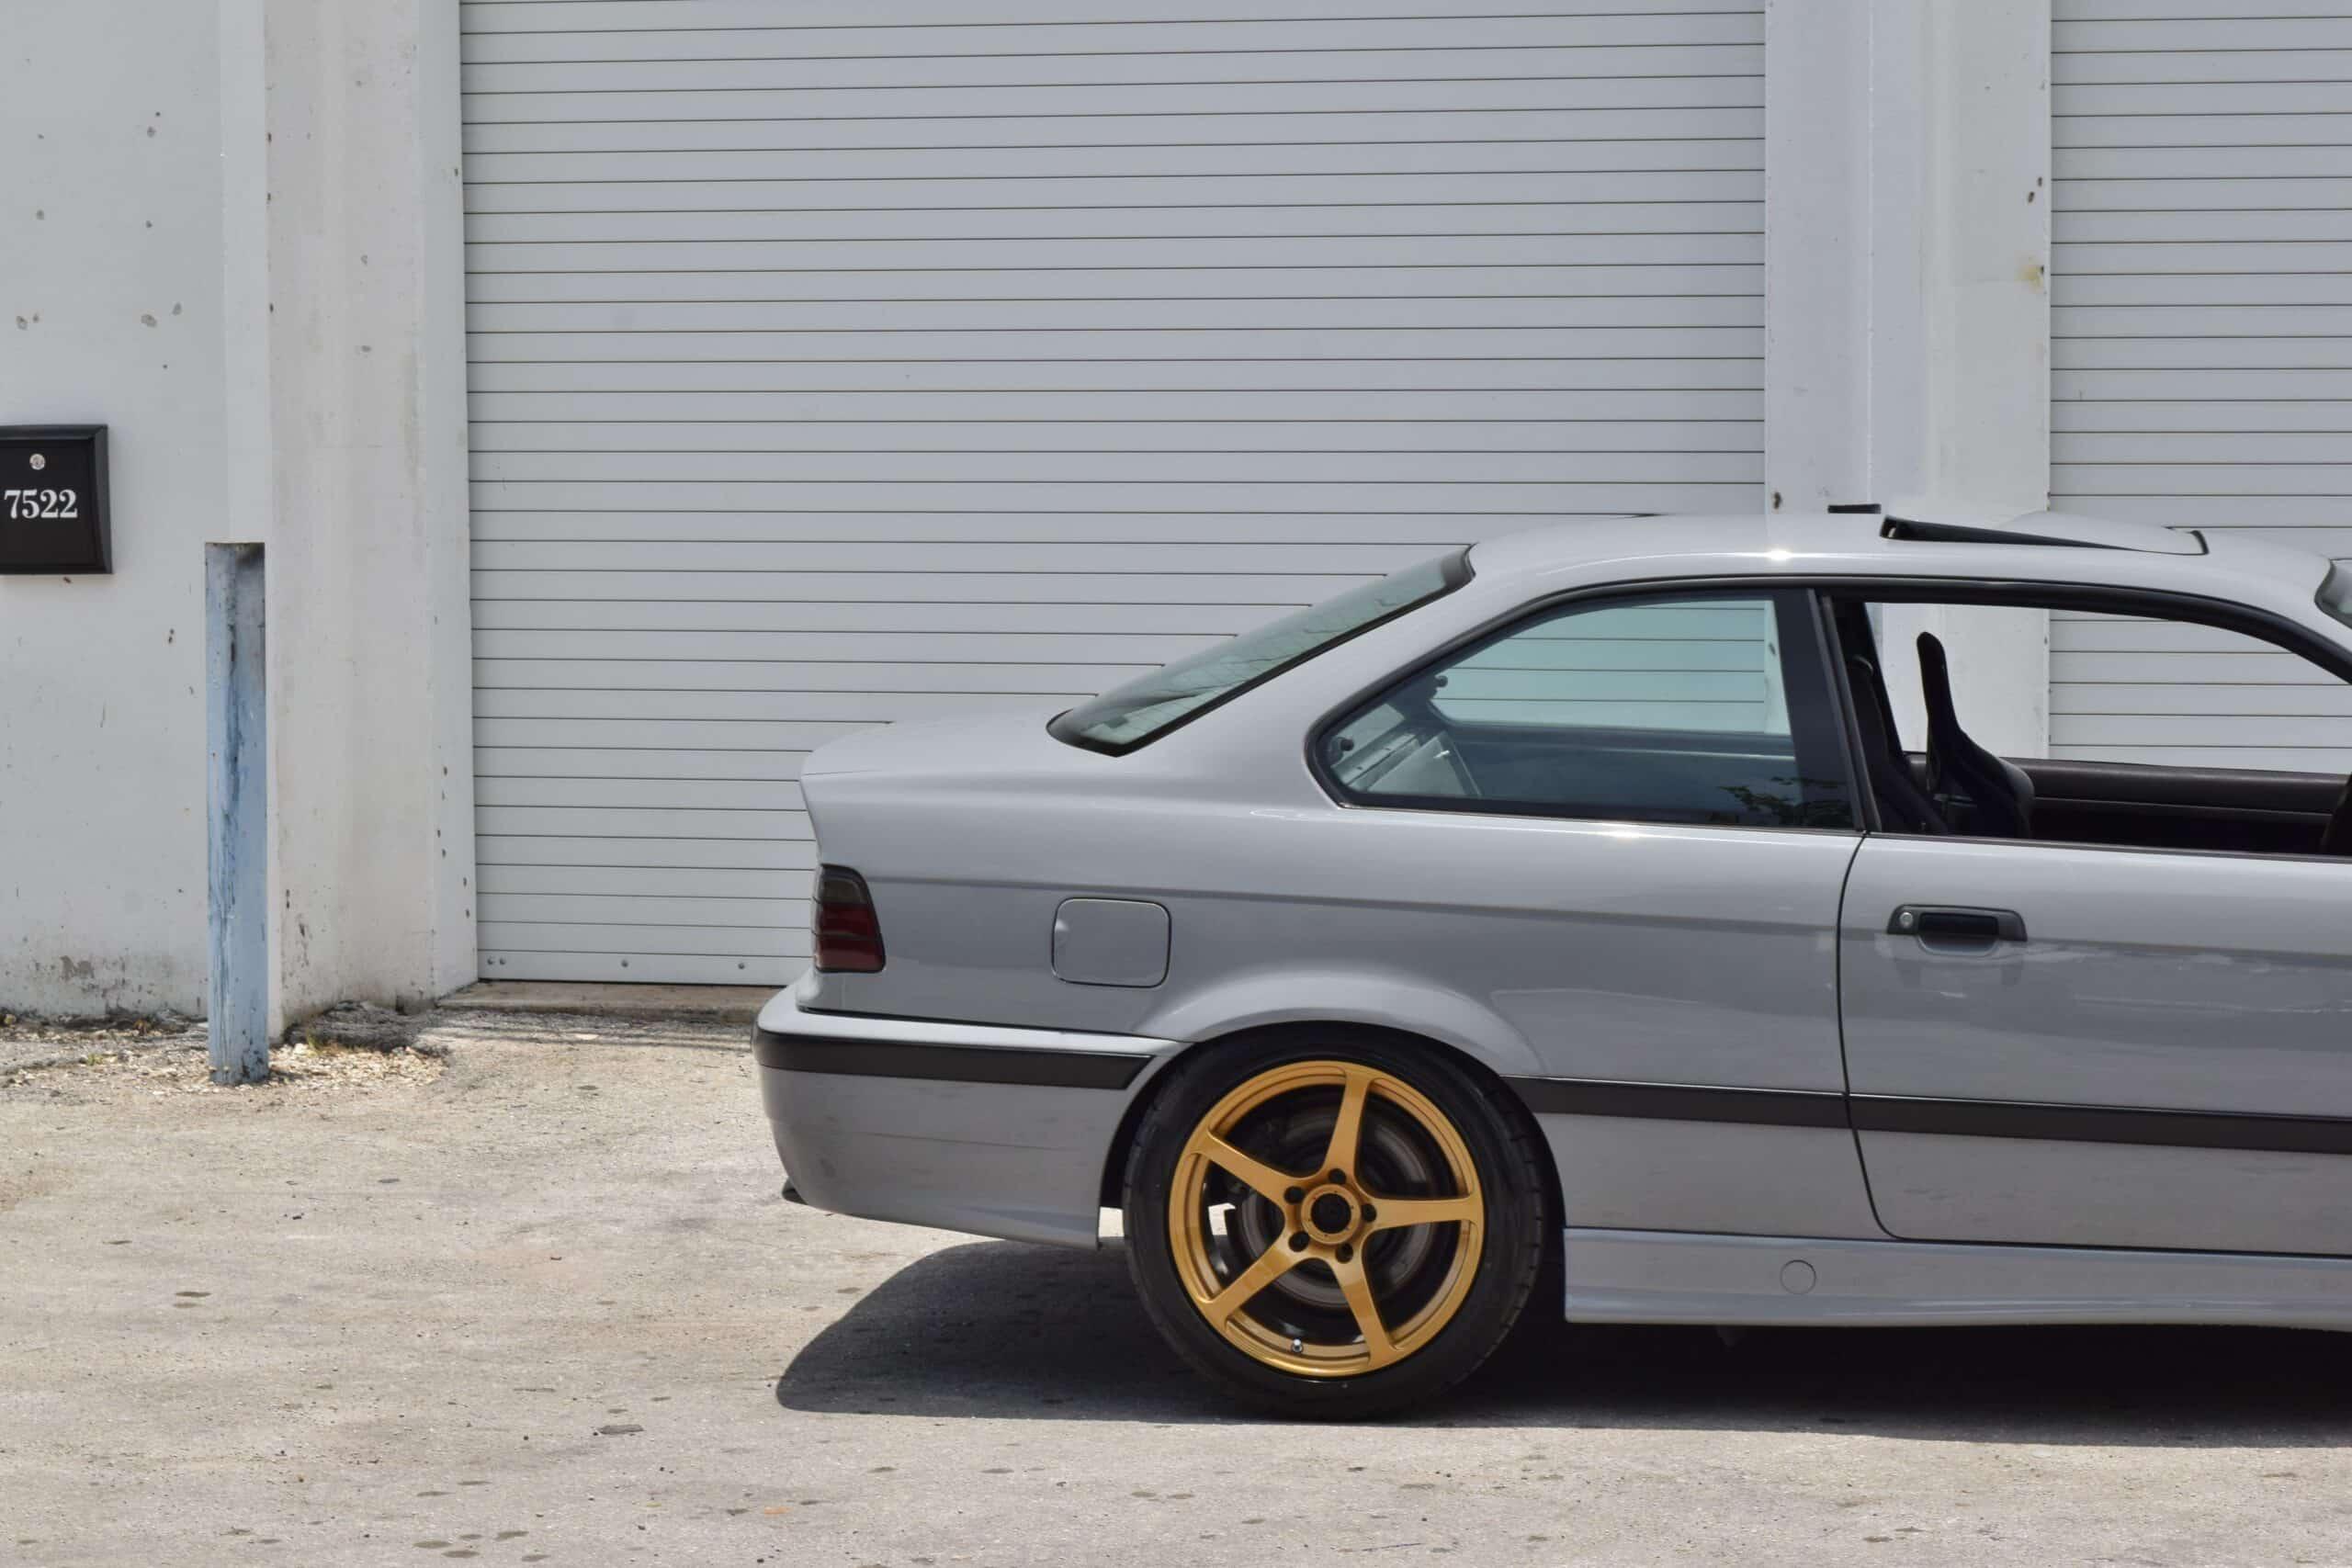 1995 BMW M3 Euro S50 Euro E36 M3 – Nardo Gray – Low Miles – Advan Wheels – Recaro Seat – Rear seat delete